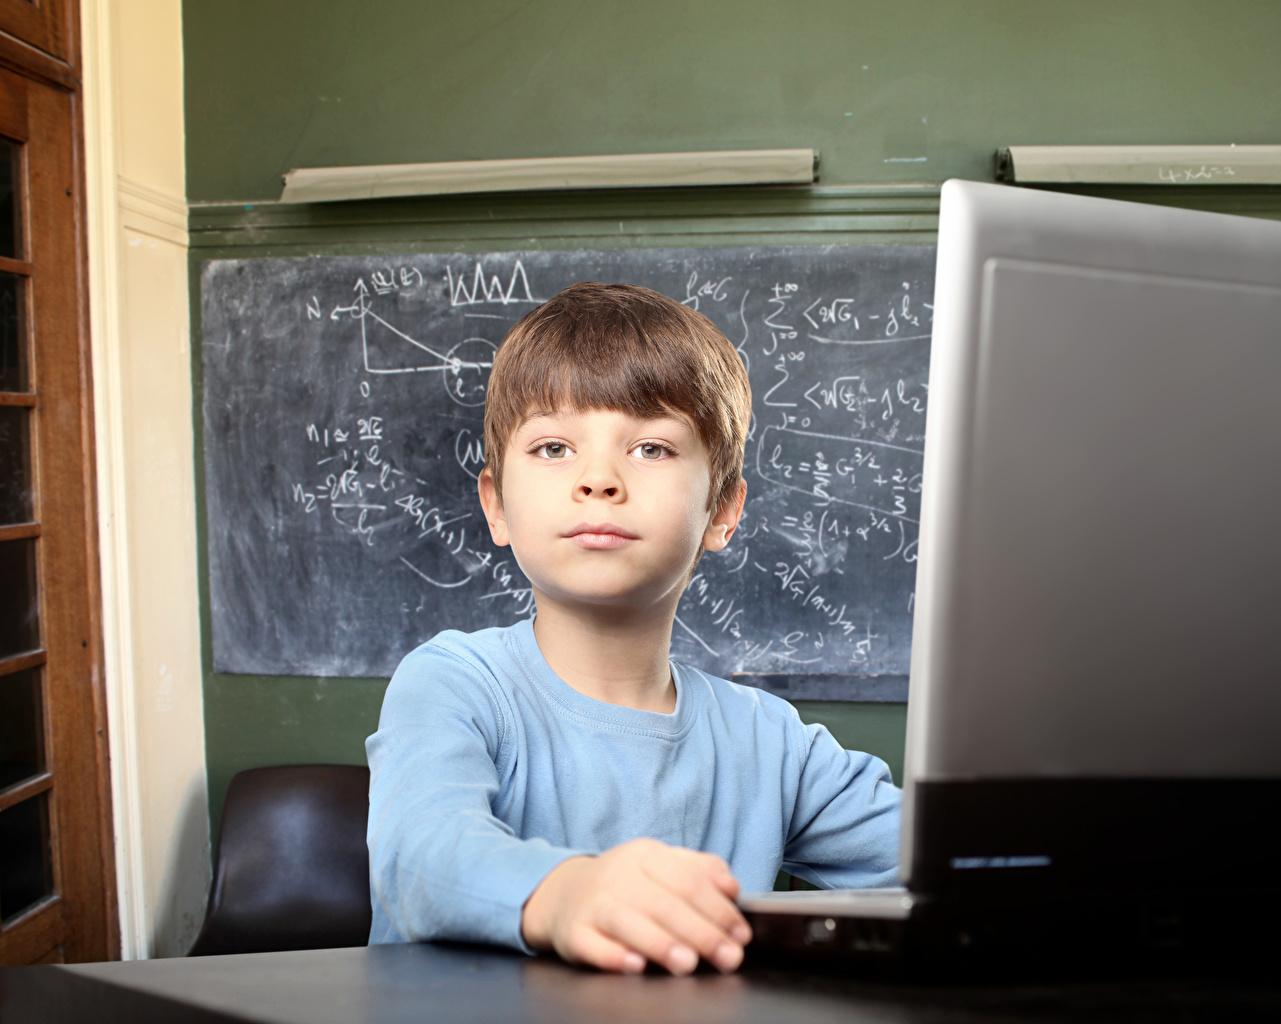 Картинка ноутбук мальчишка школьные Дети Взгляд Ноутбуки мальчик Мальчики мальчишки Школа ребёнок смотрят смотрит